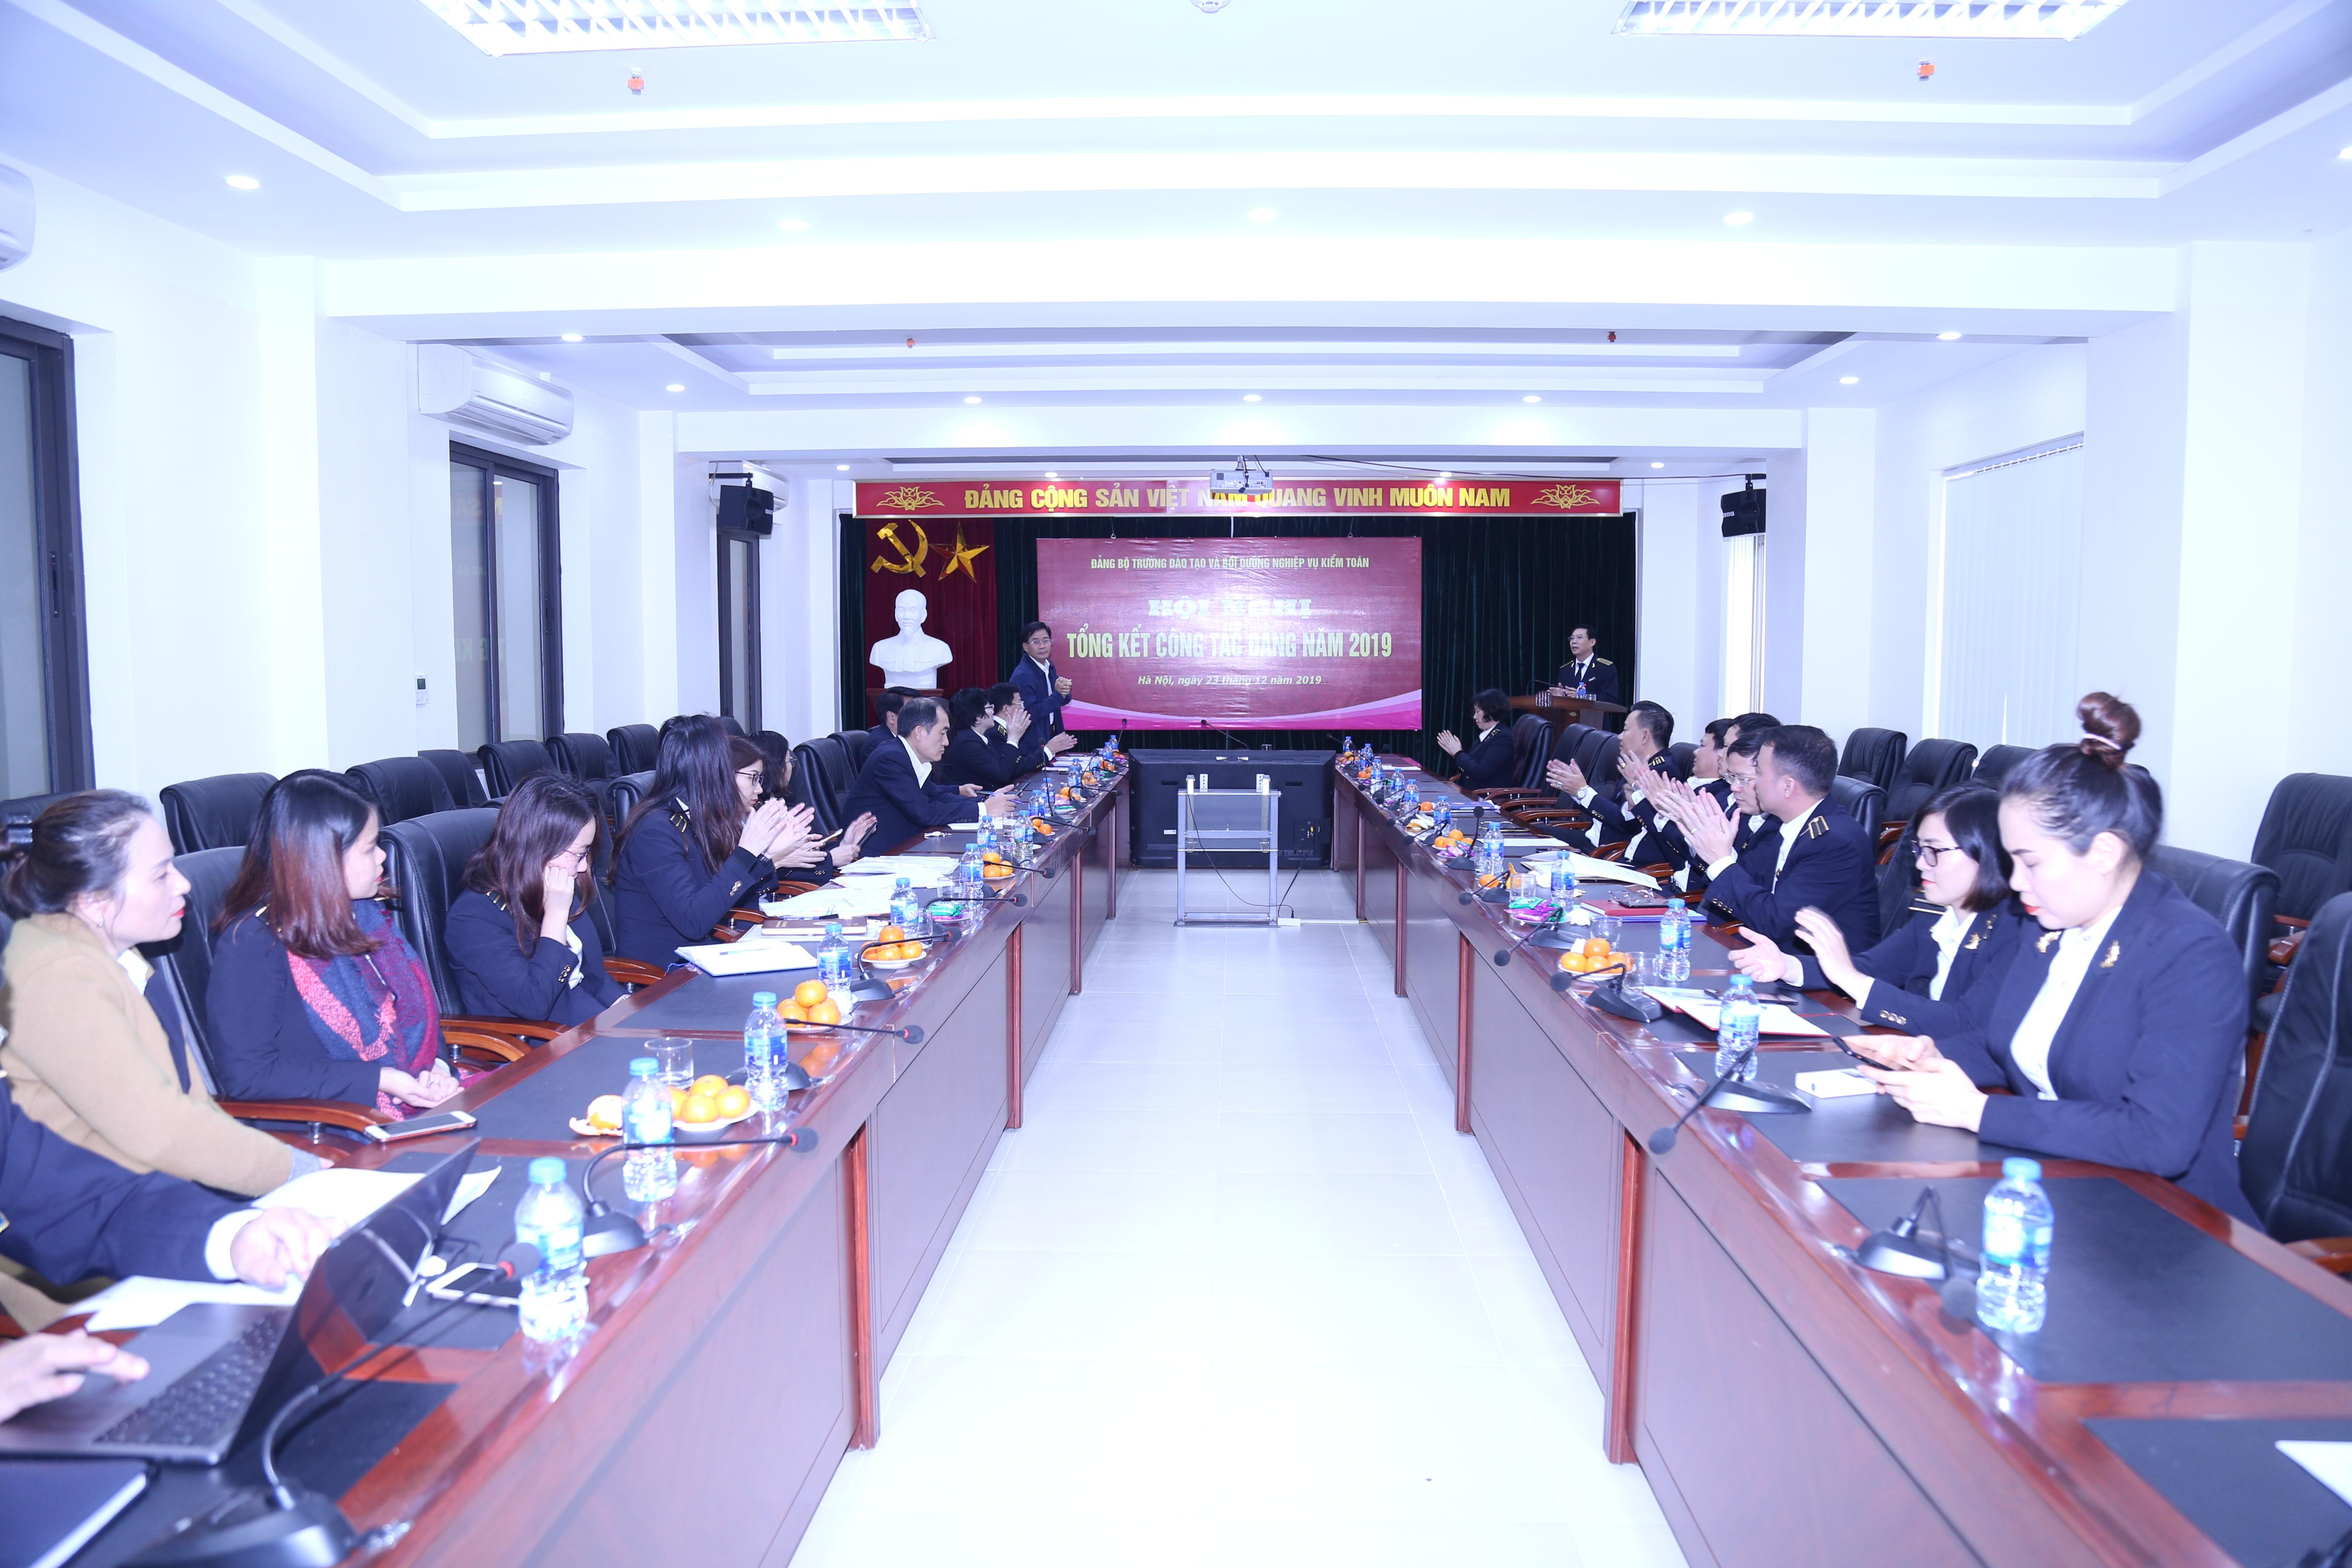 Trường ĐT&BD nghiệp vụ Kiểm toán đã tổ chức Hội nghị tổng kết công tác Đảng năm 2019